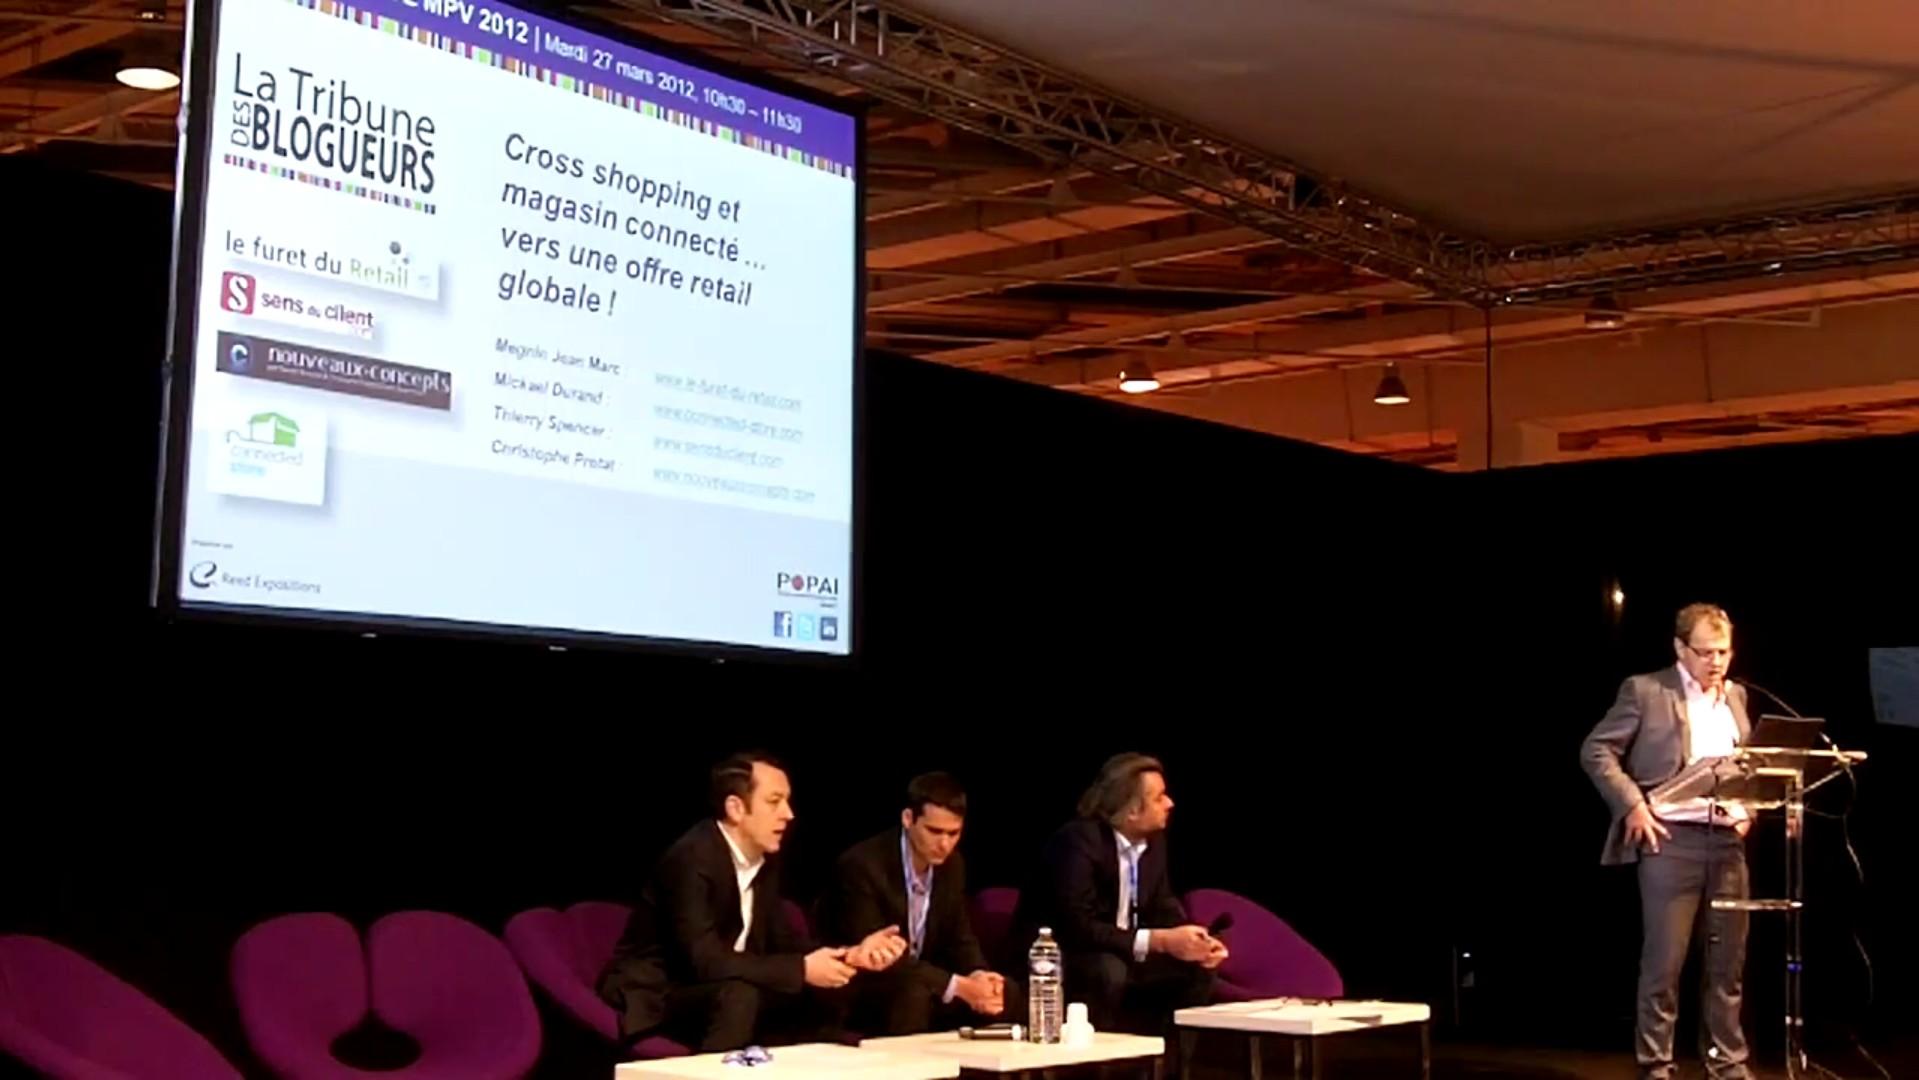 conférence salon MPV marketing point de vente 2012